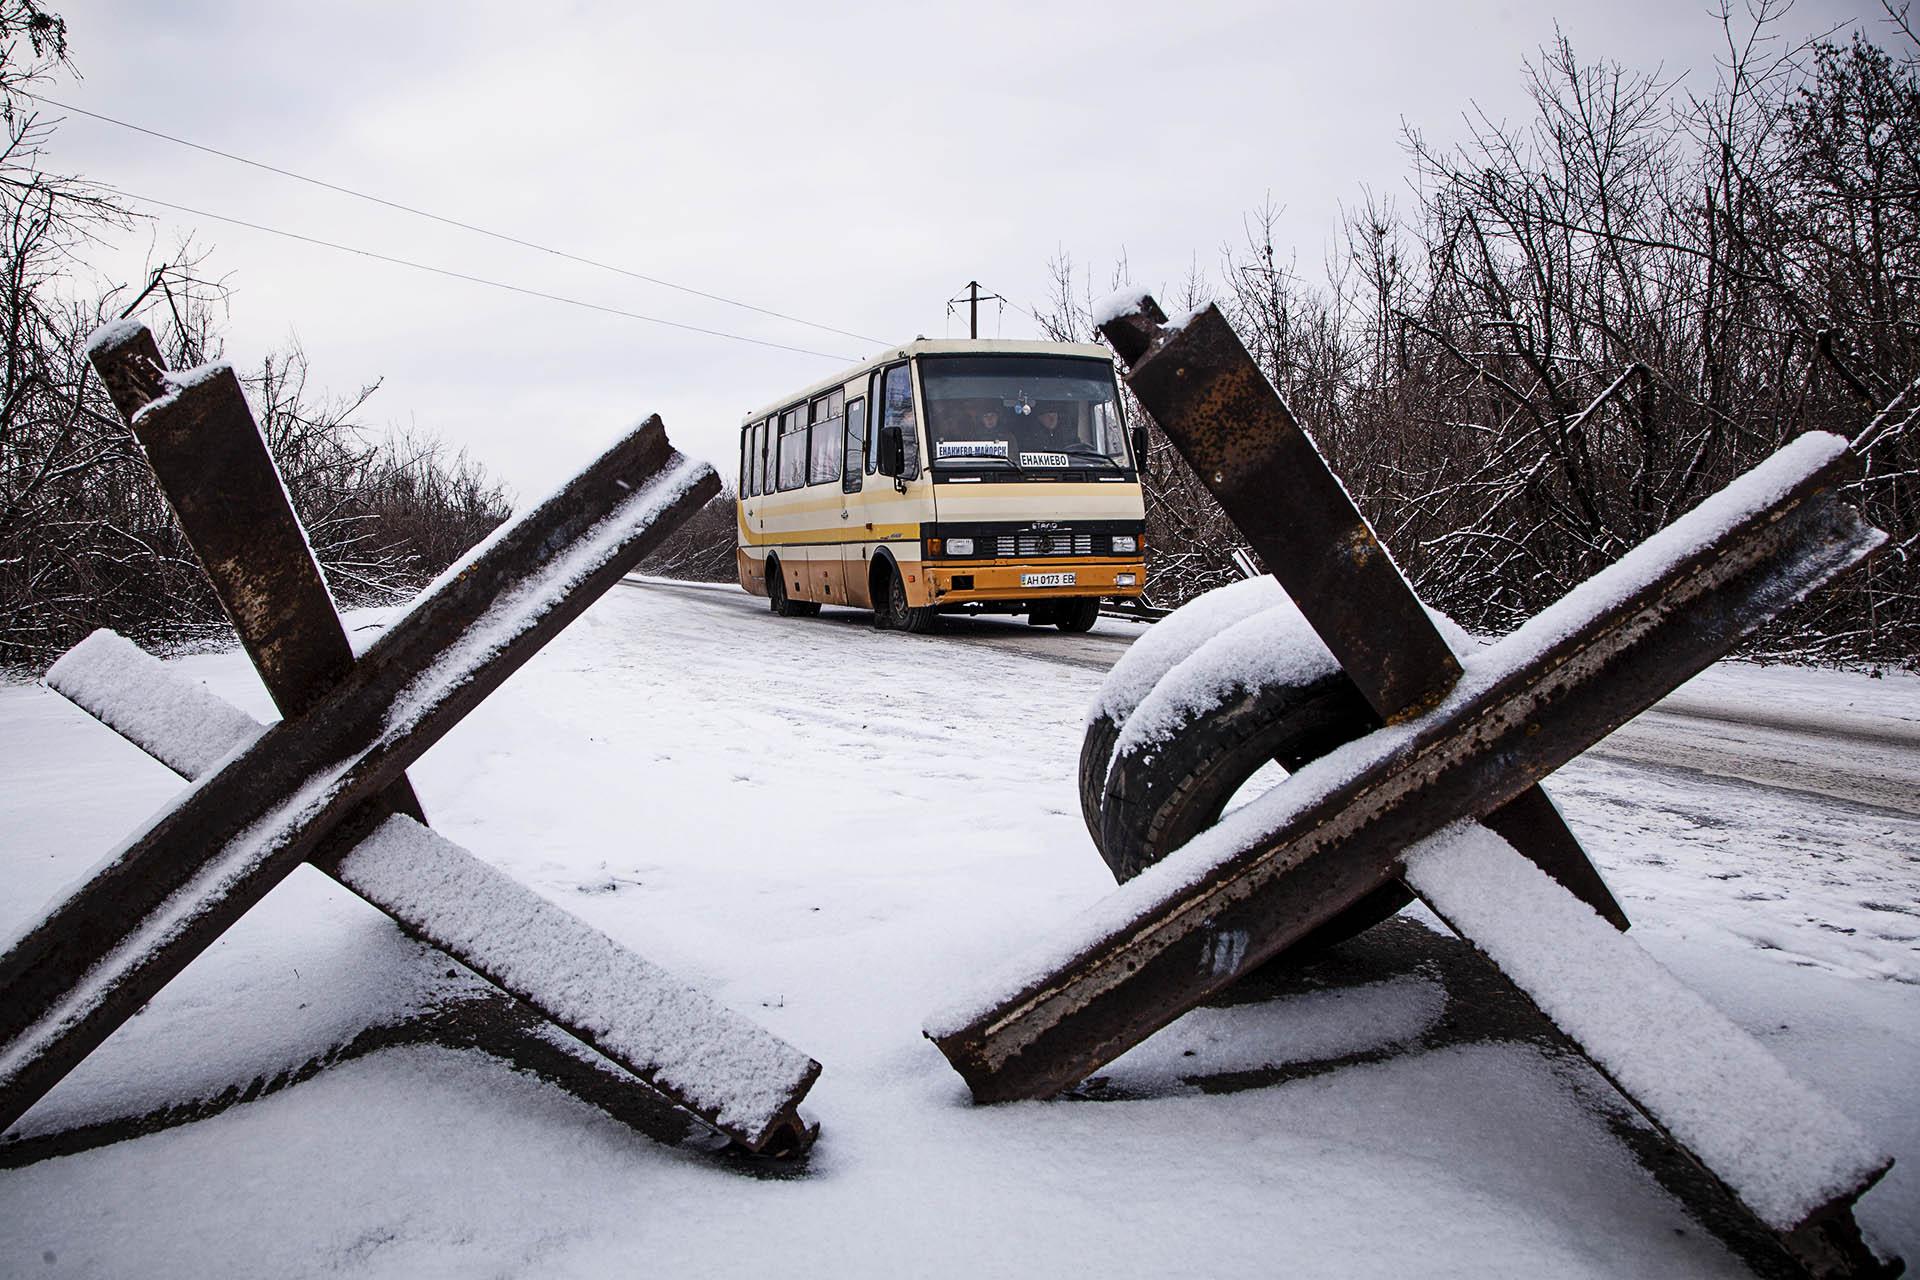 Un autobús civil llegando a la primera línea del territorio bajo control de la República Popular de Donetsk.